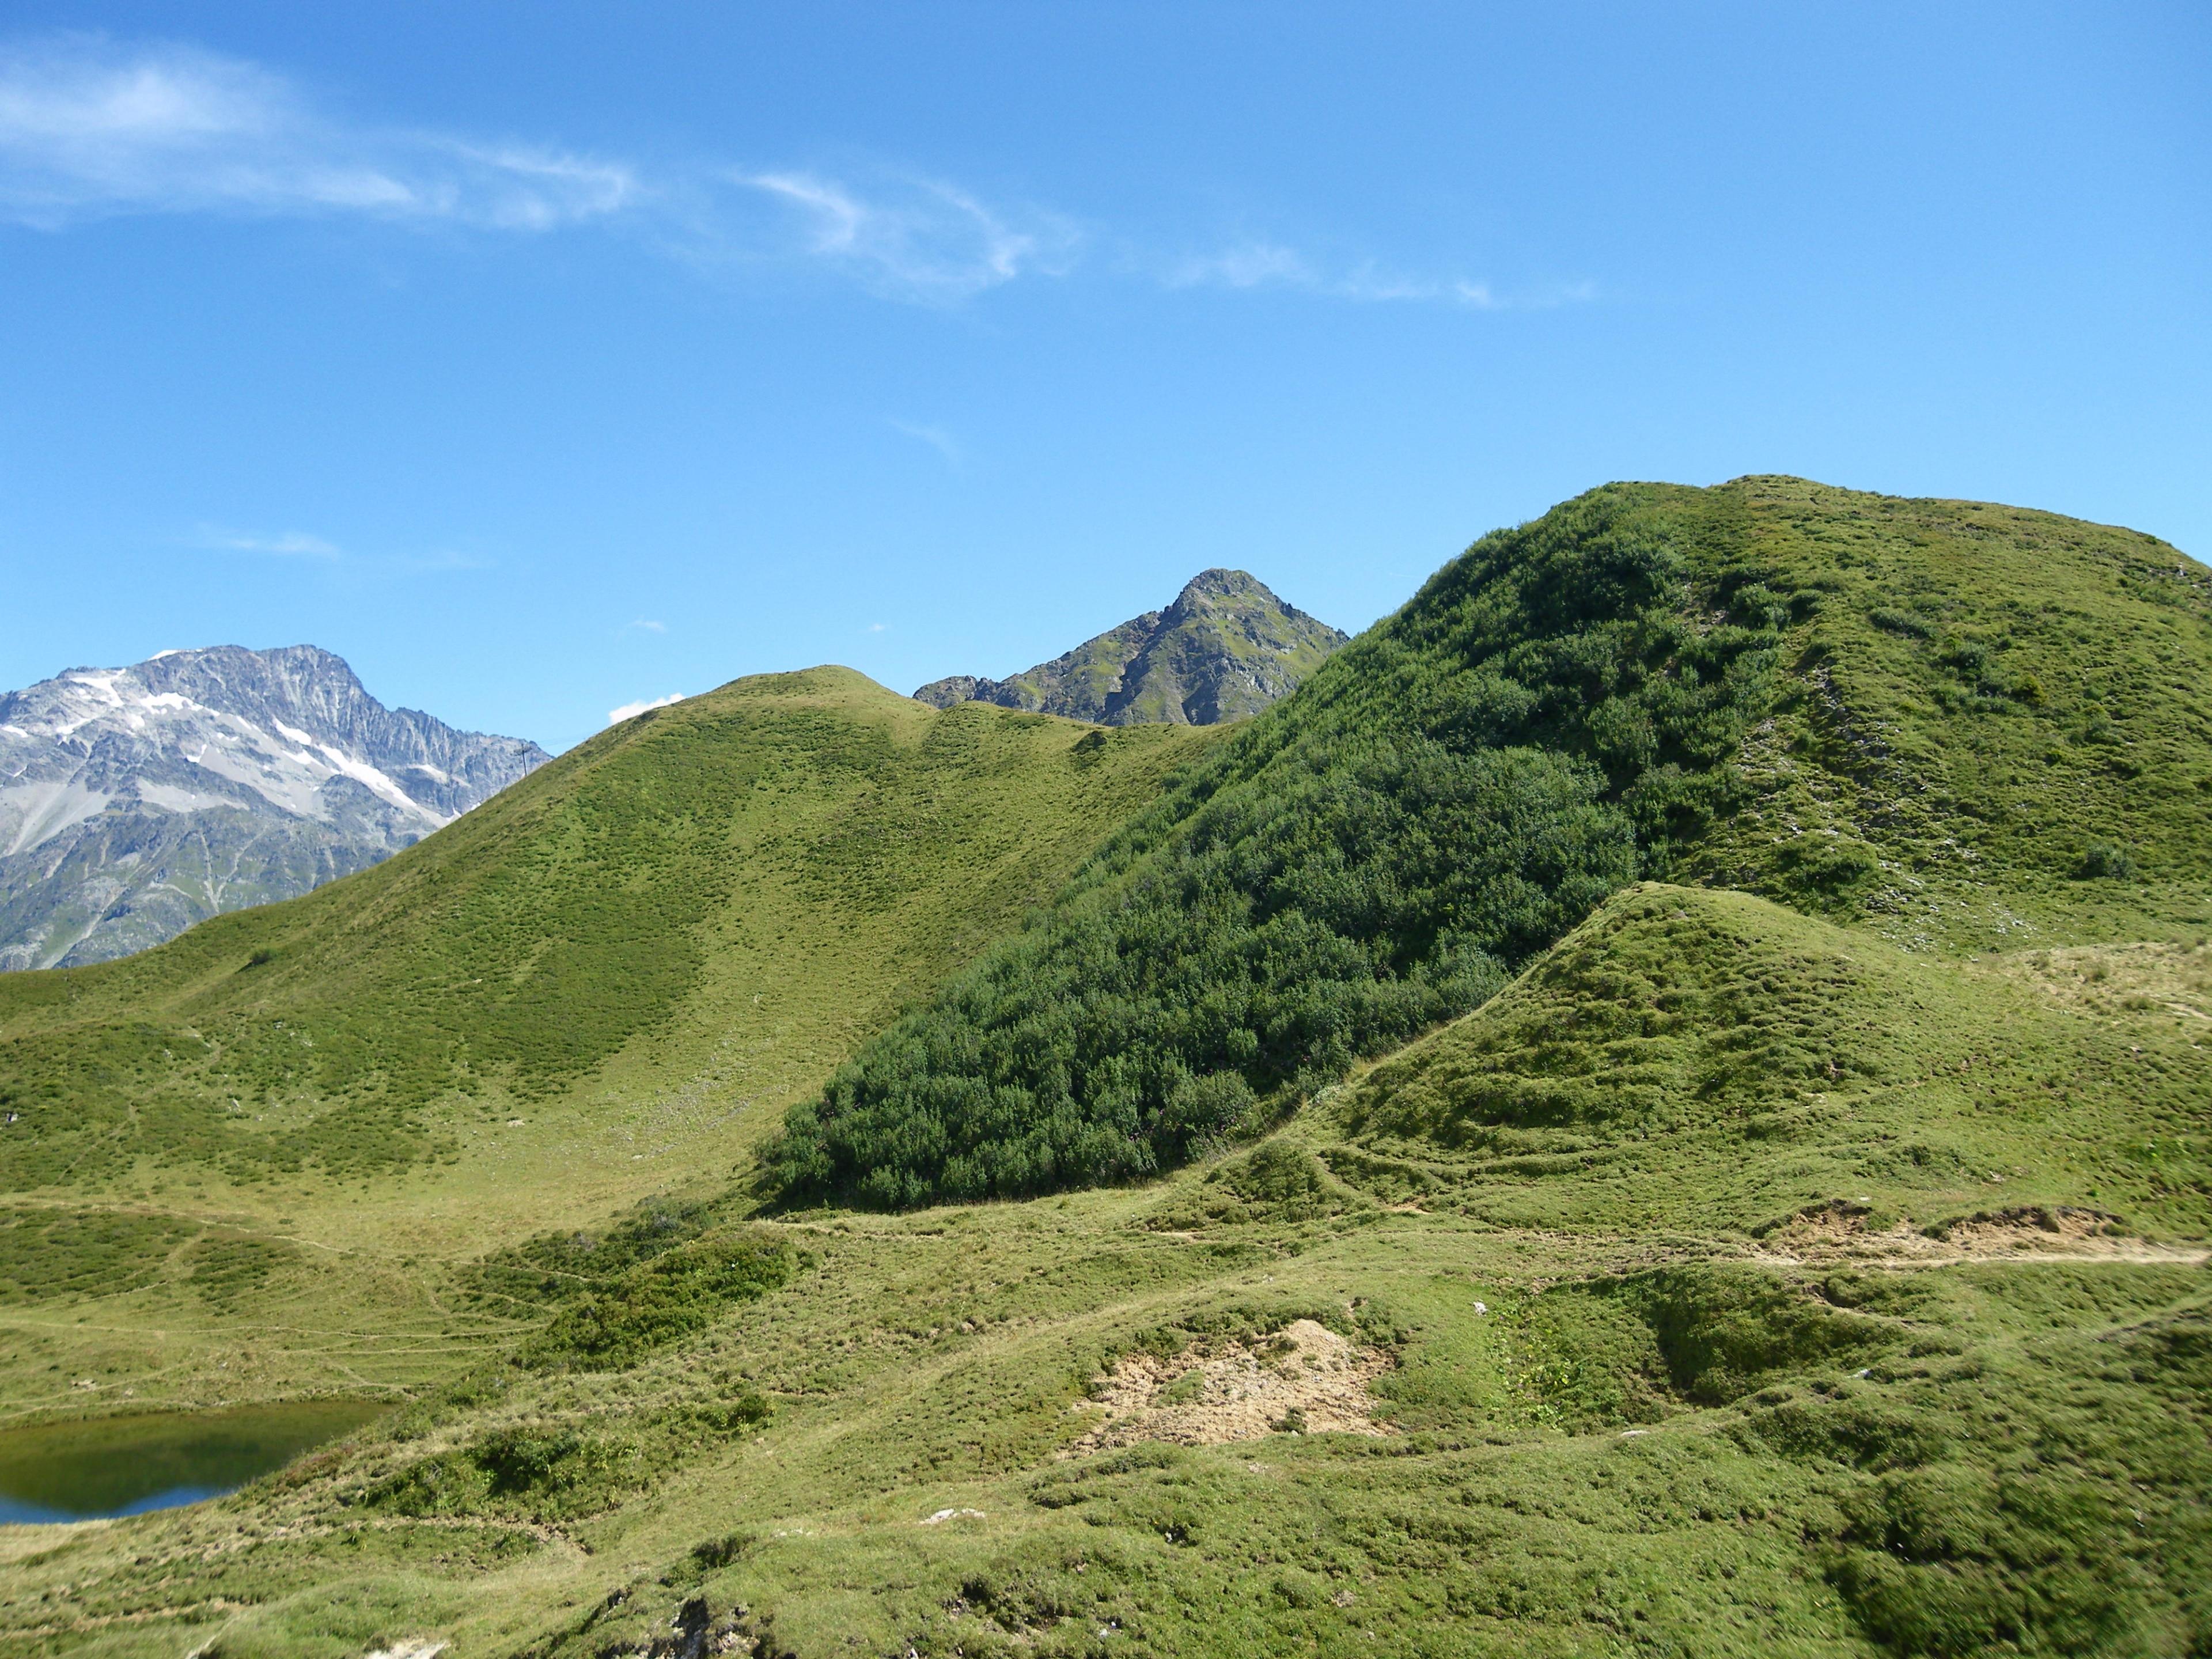 Hauteluce, Savoie, France